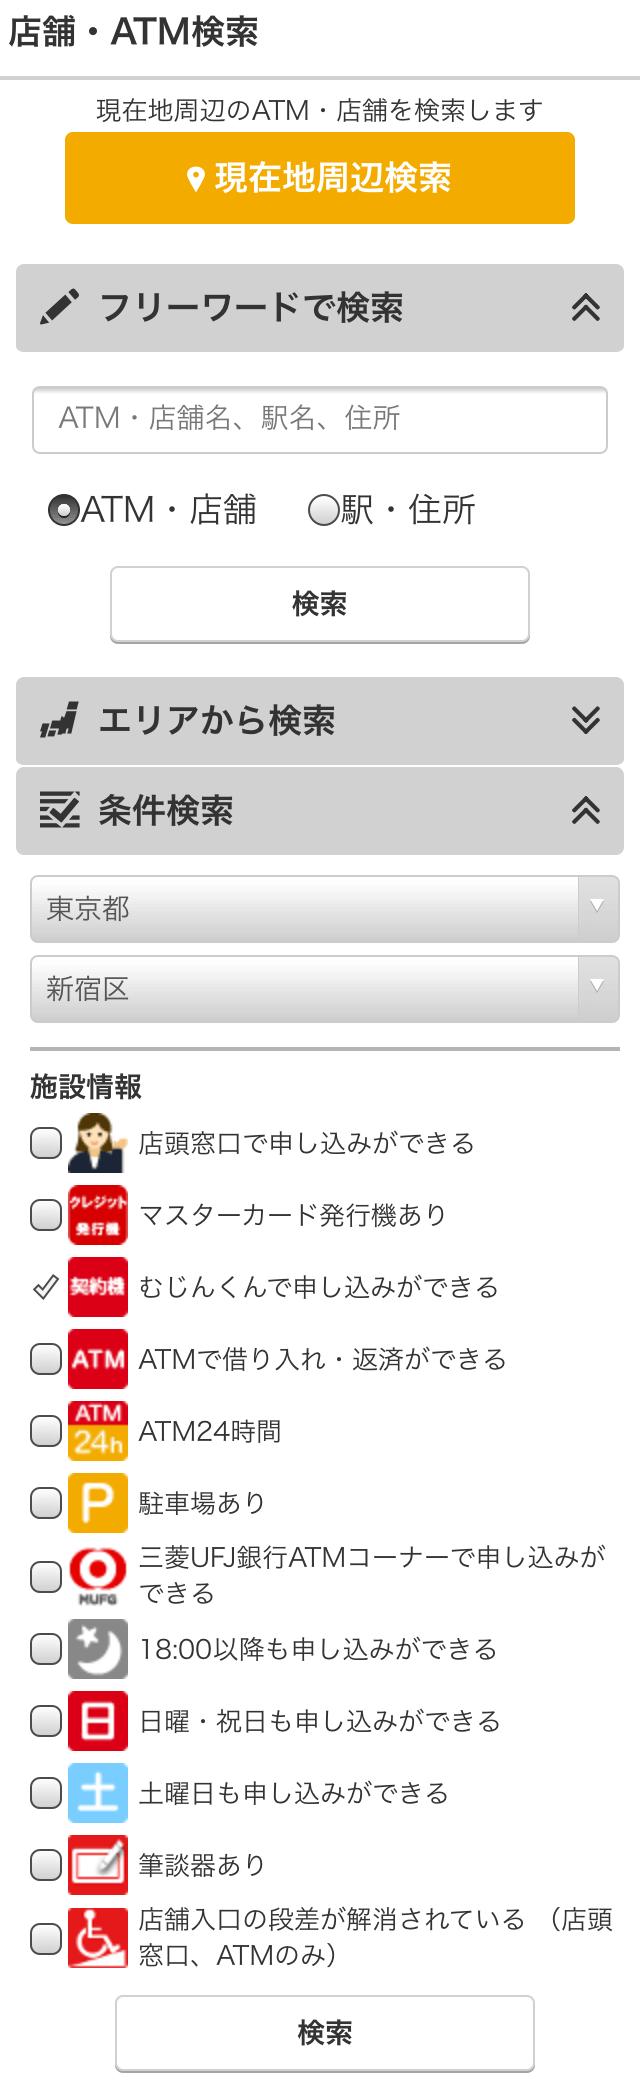 アコムの会員ページ店舗・ATM検索